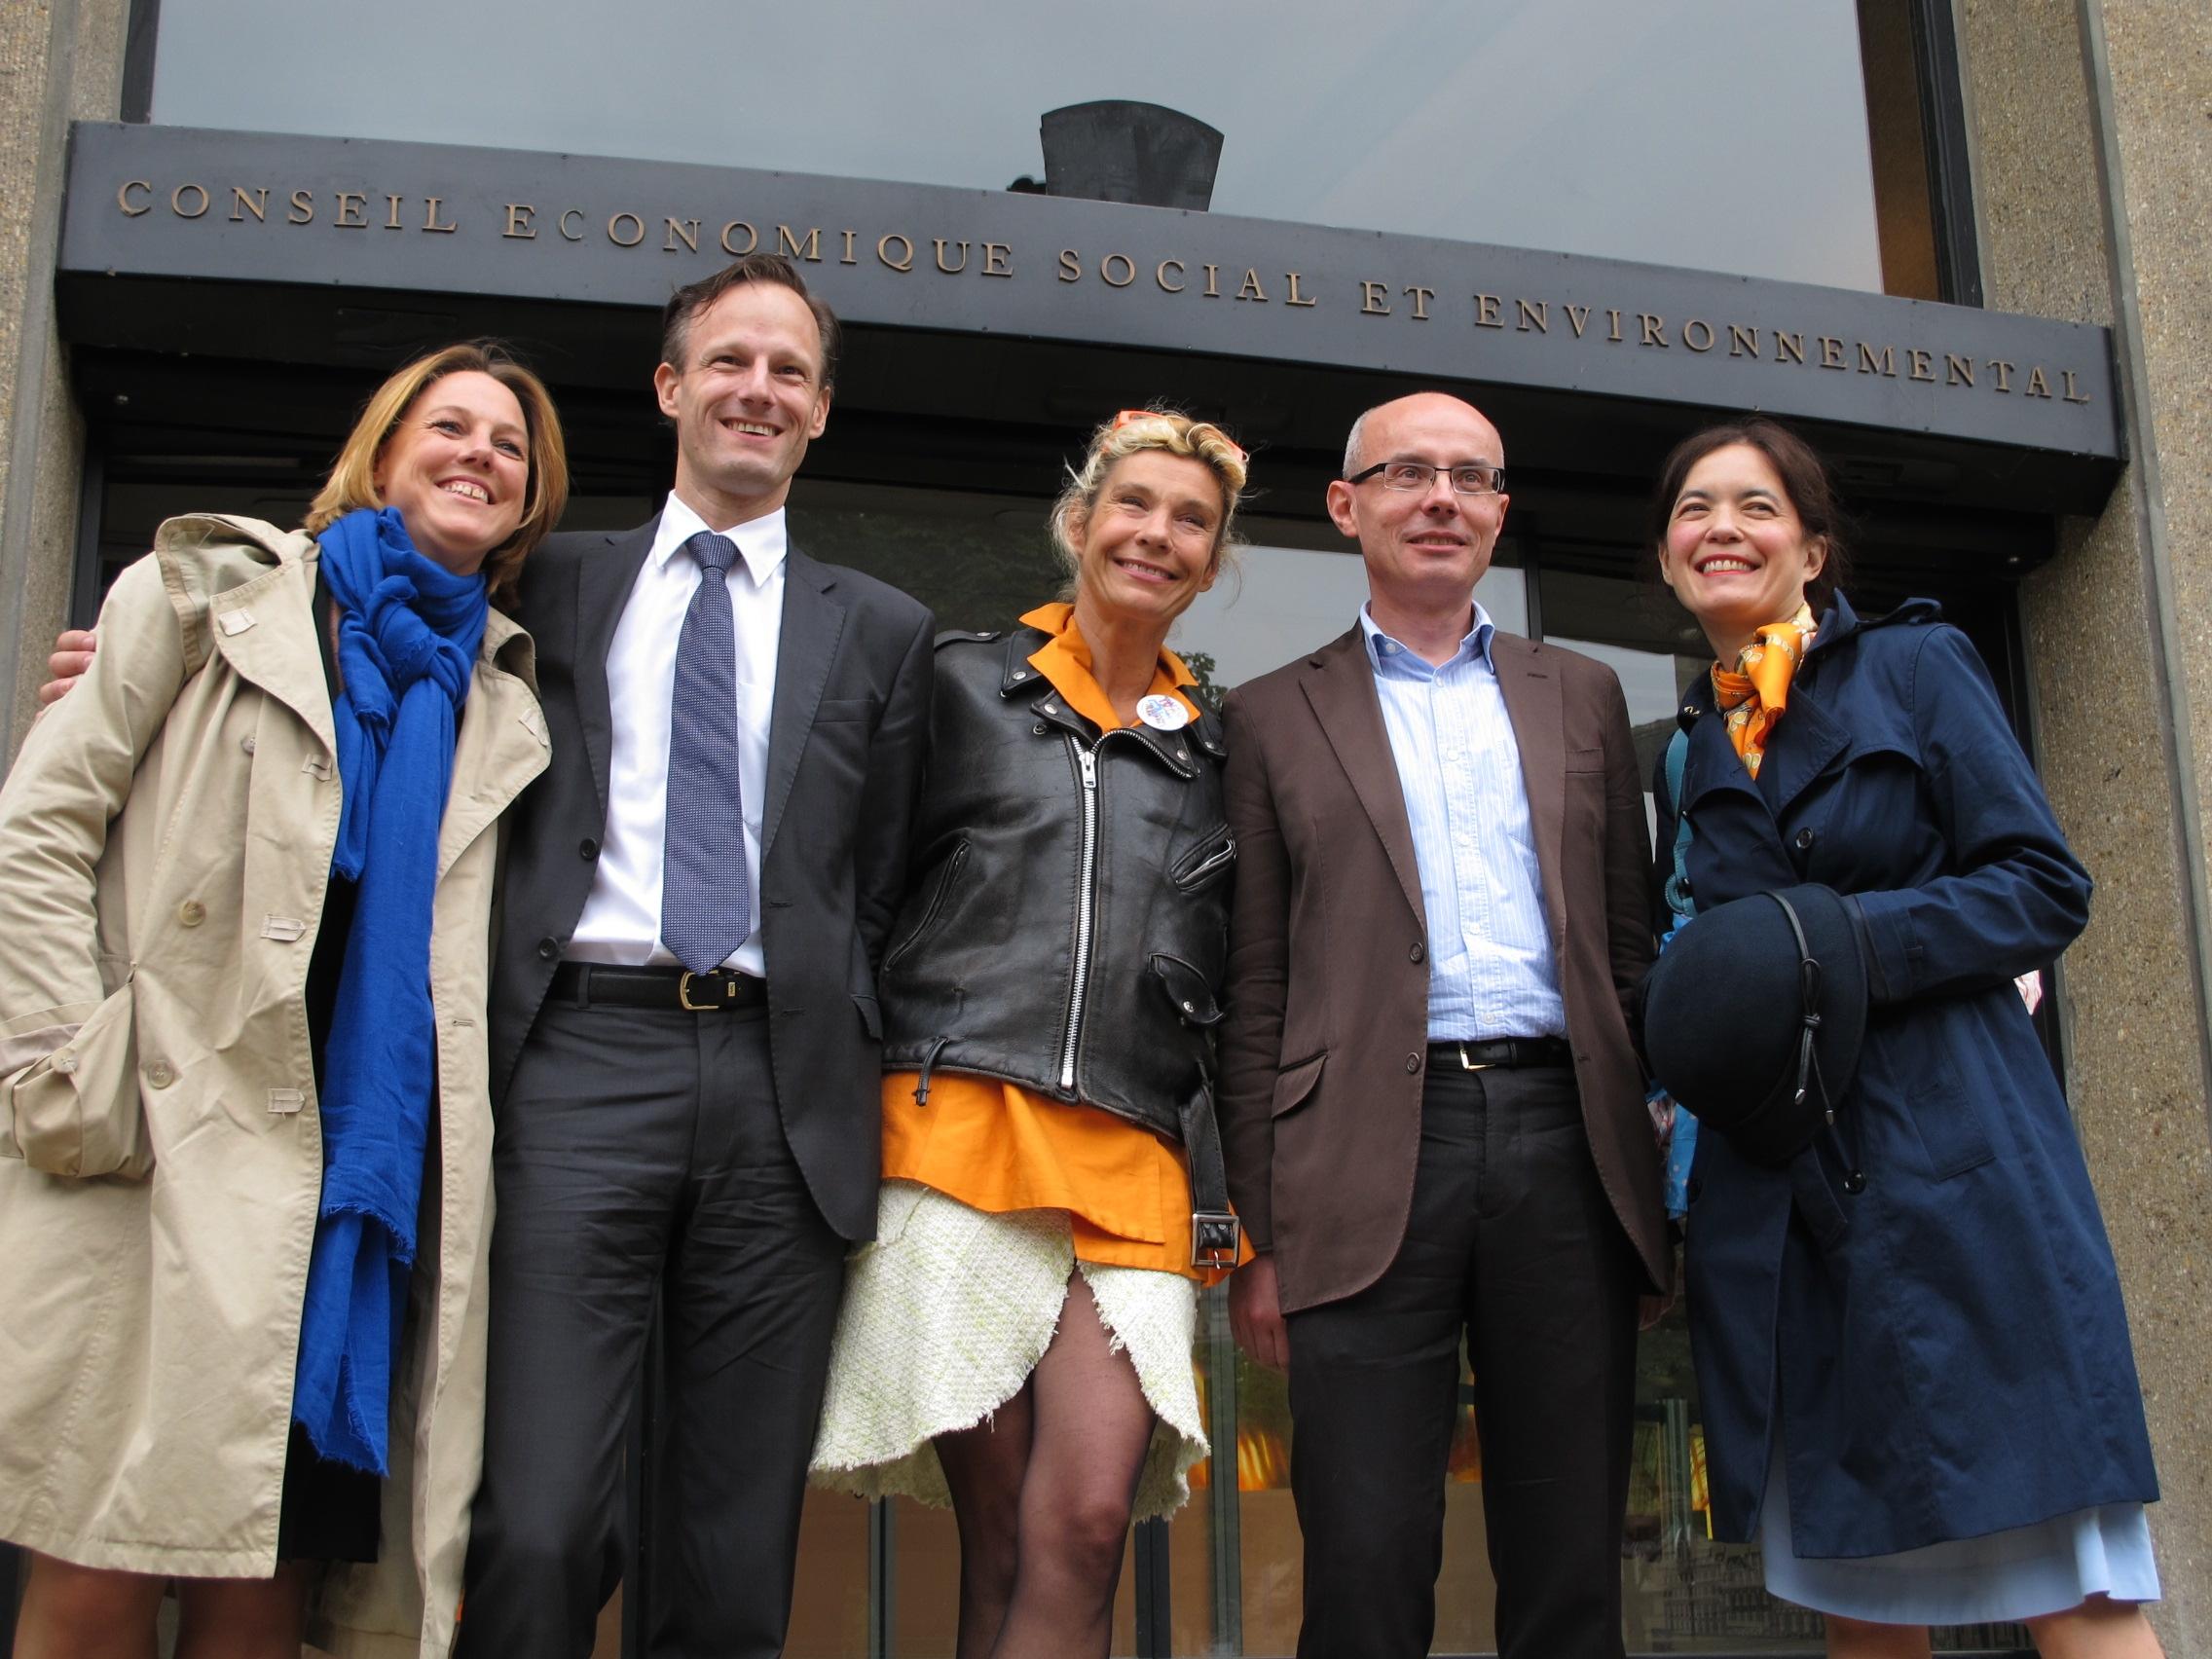 L'Avenir pour Tous au CESE: les photos